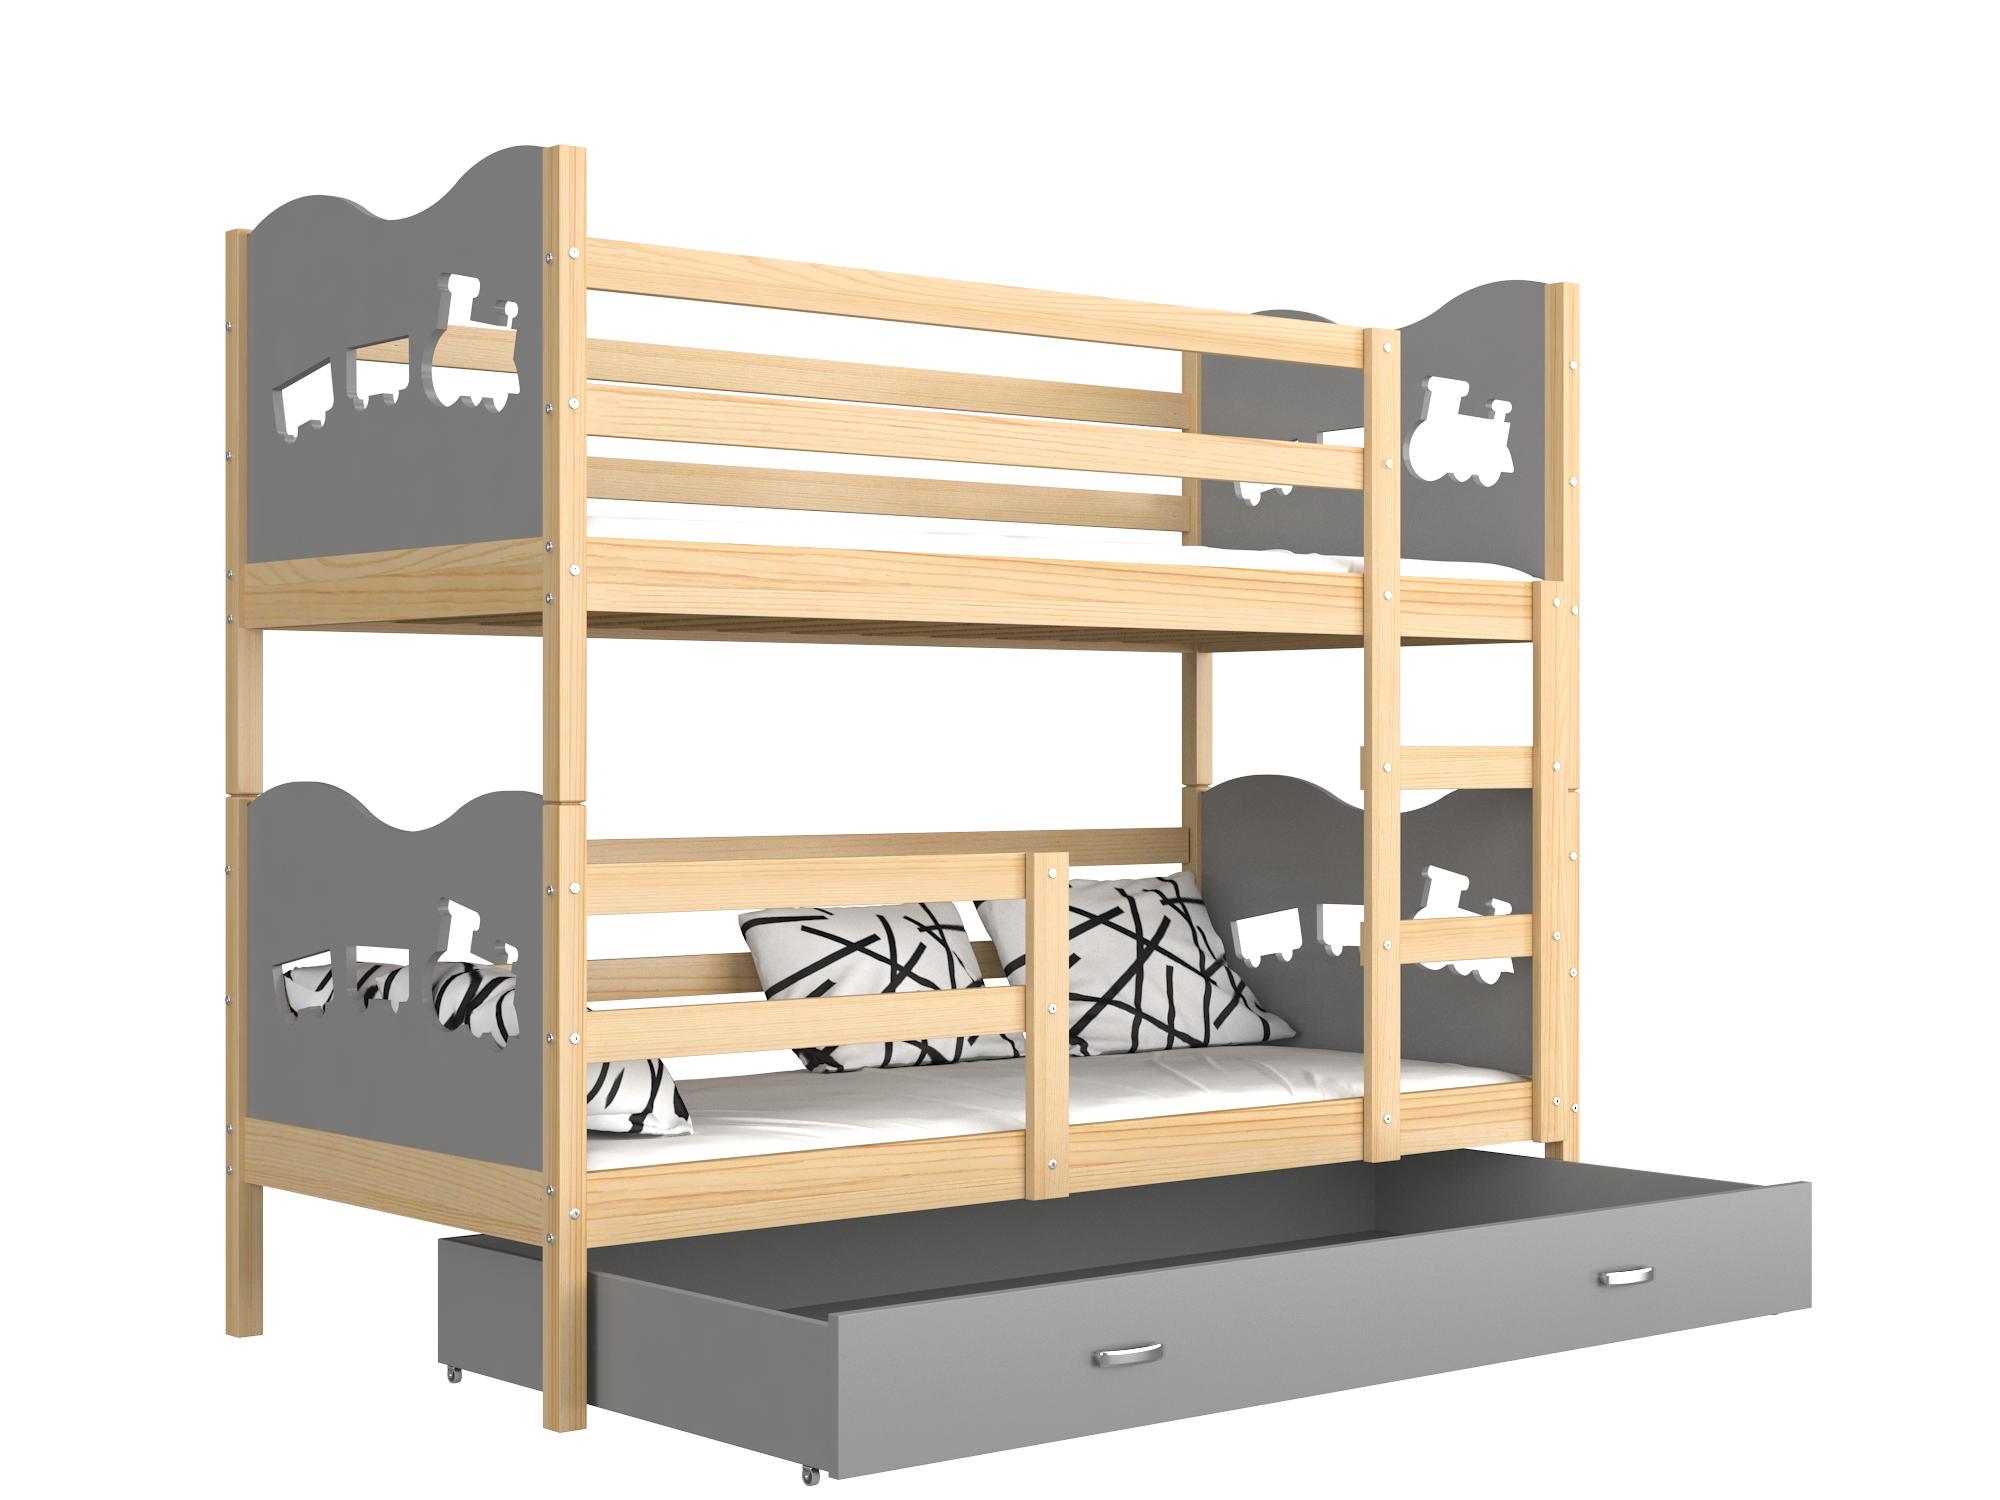 ArtAJ Detská poschodová posteľ MAX drevo / MDF 190 x 80 cm Farba: Borovica / sivá 190 x 80 cm, s matracom